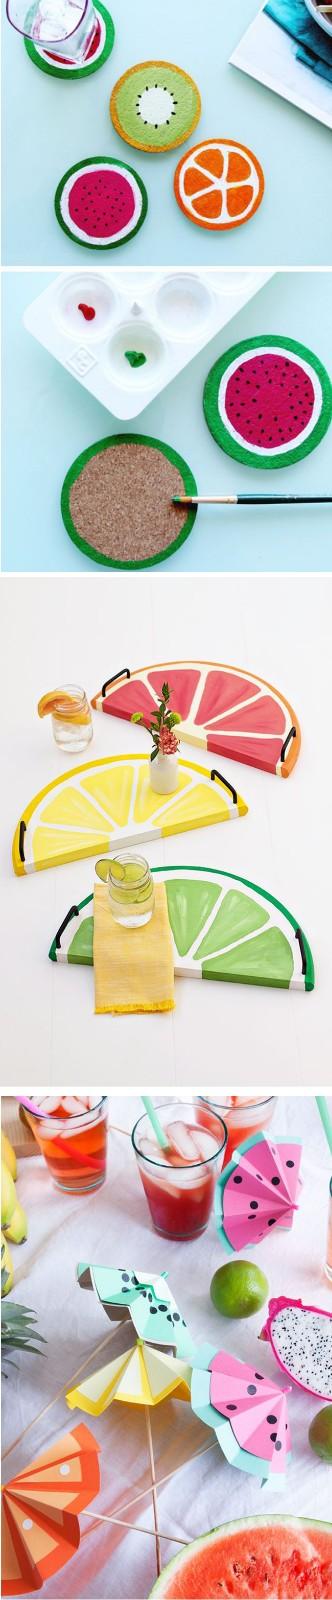 【环境创设】幼儿园建构式课程——小班第三主题《好吃的水果》